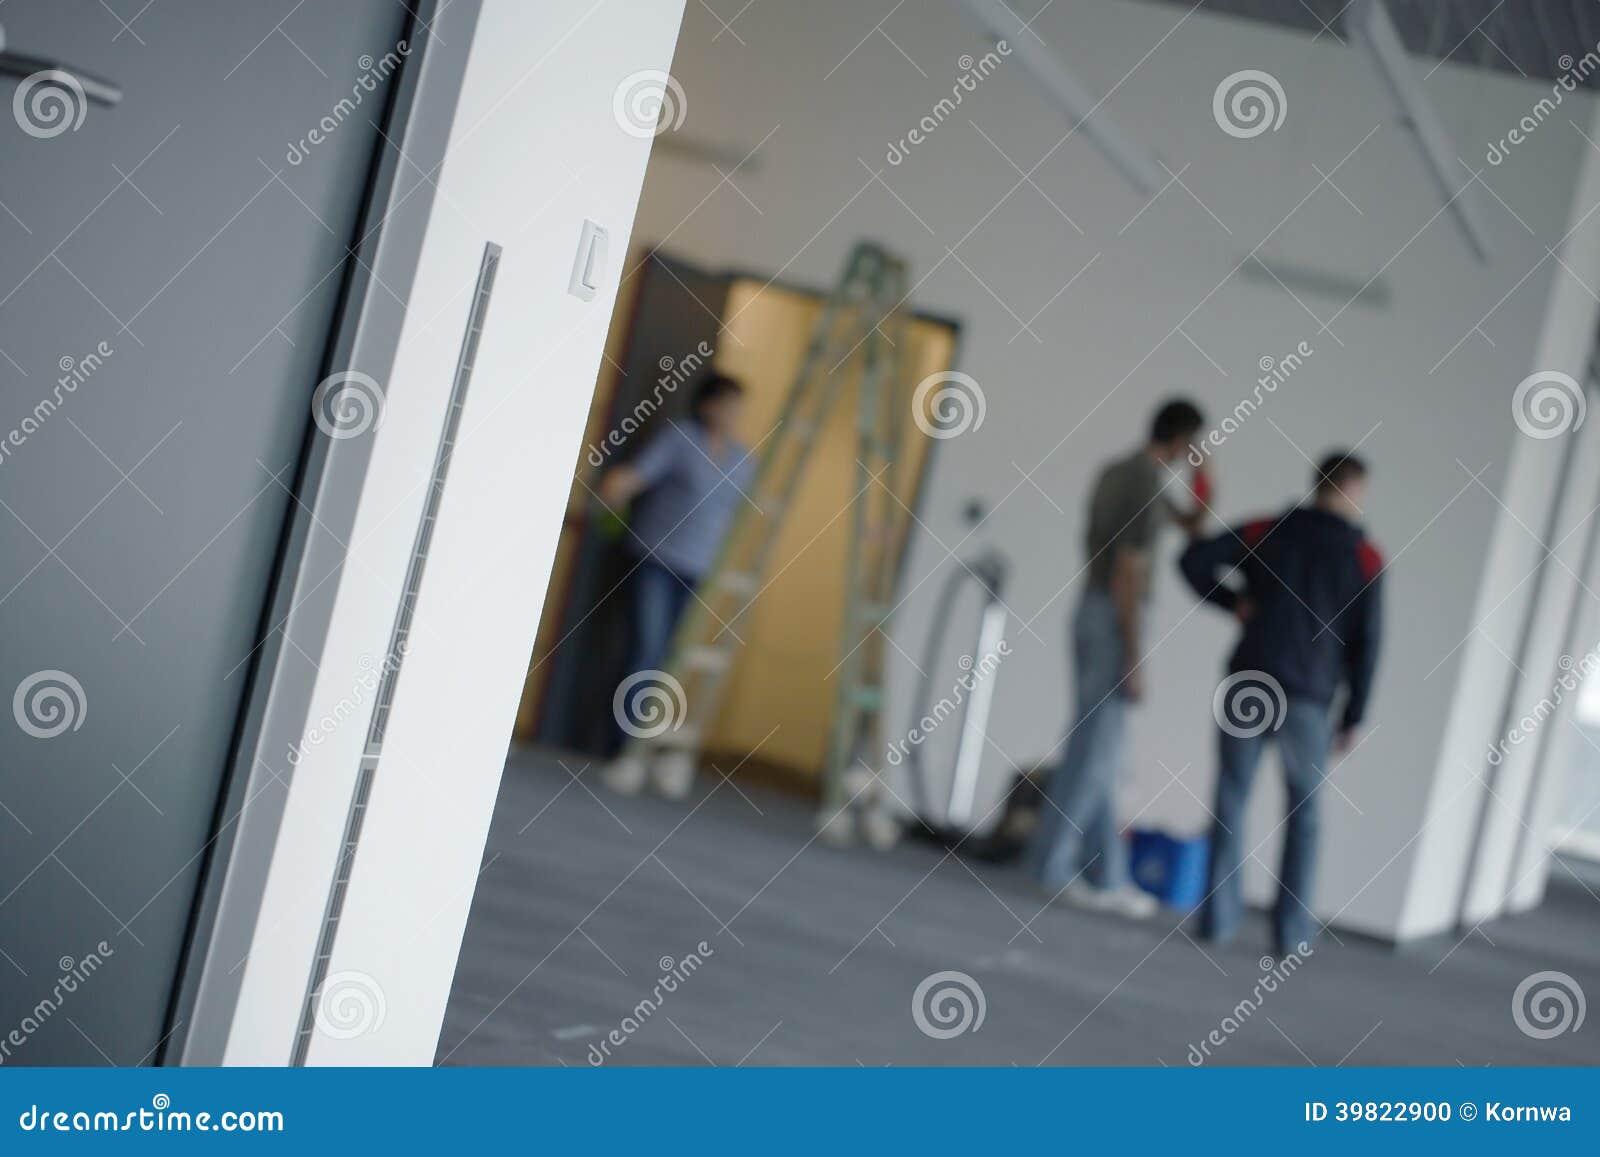 Réparations ou nettoyage d immeuble de bureaux